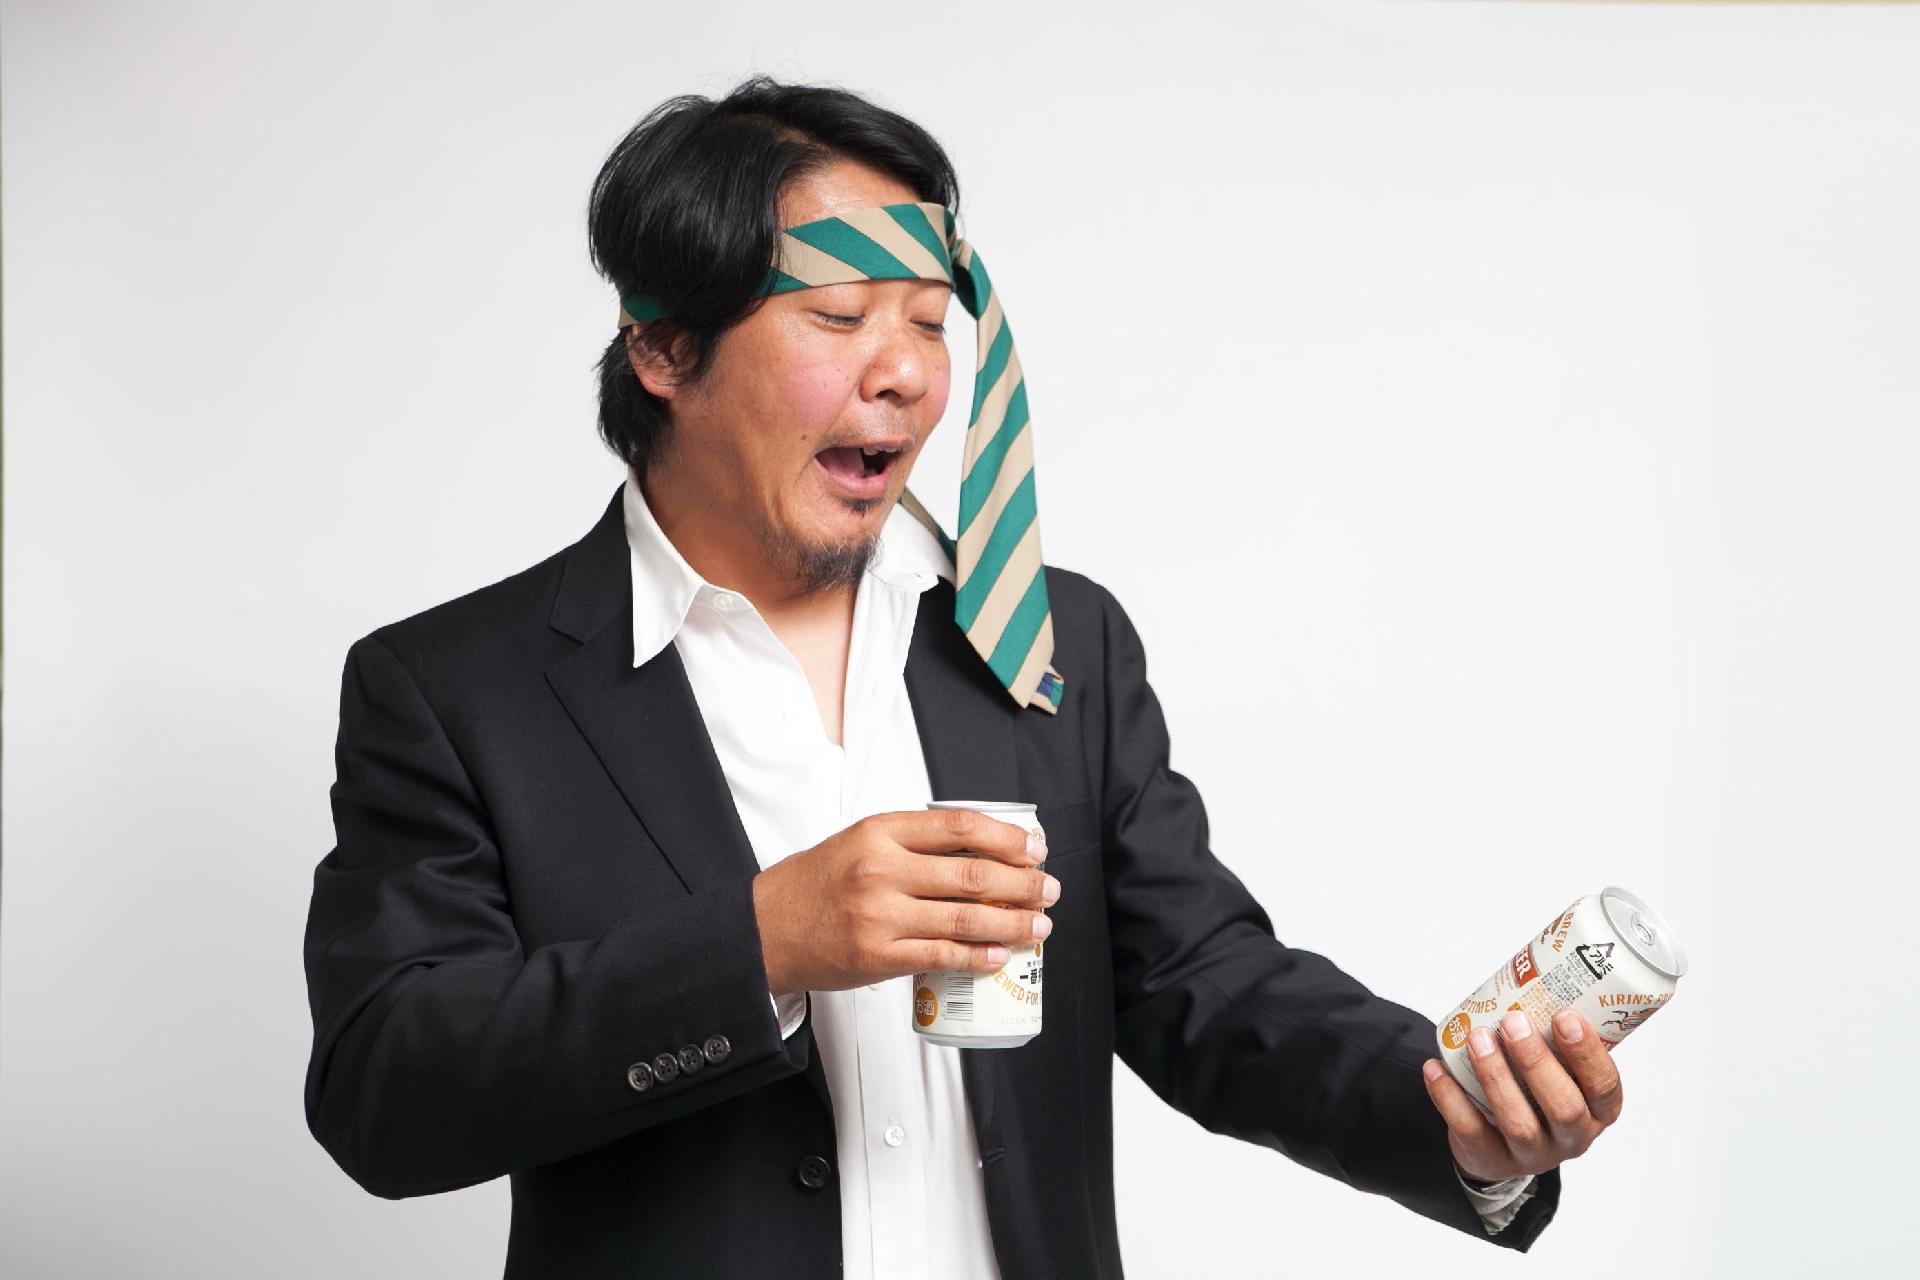 経験豊富な転職者(部下)のマネジメント法